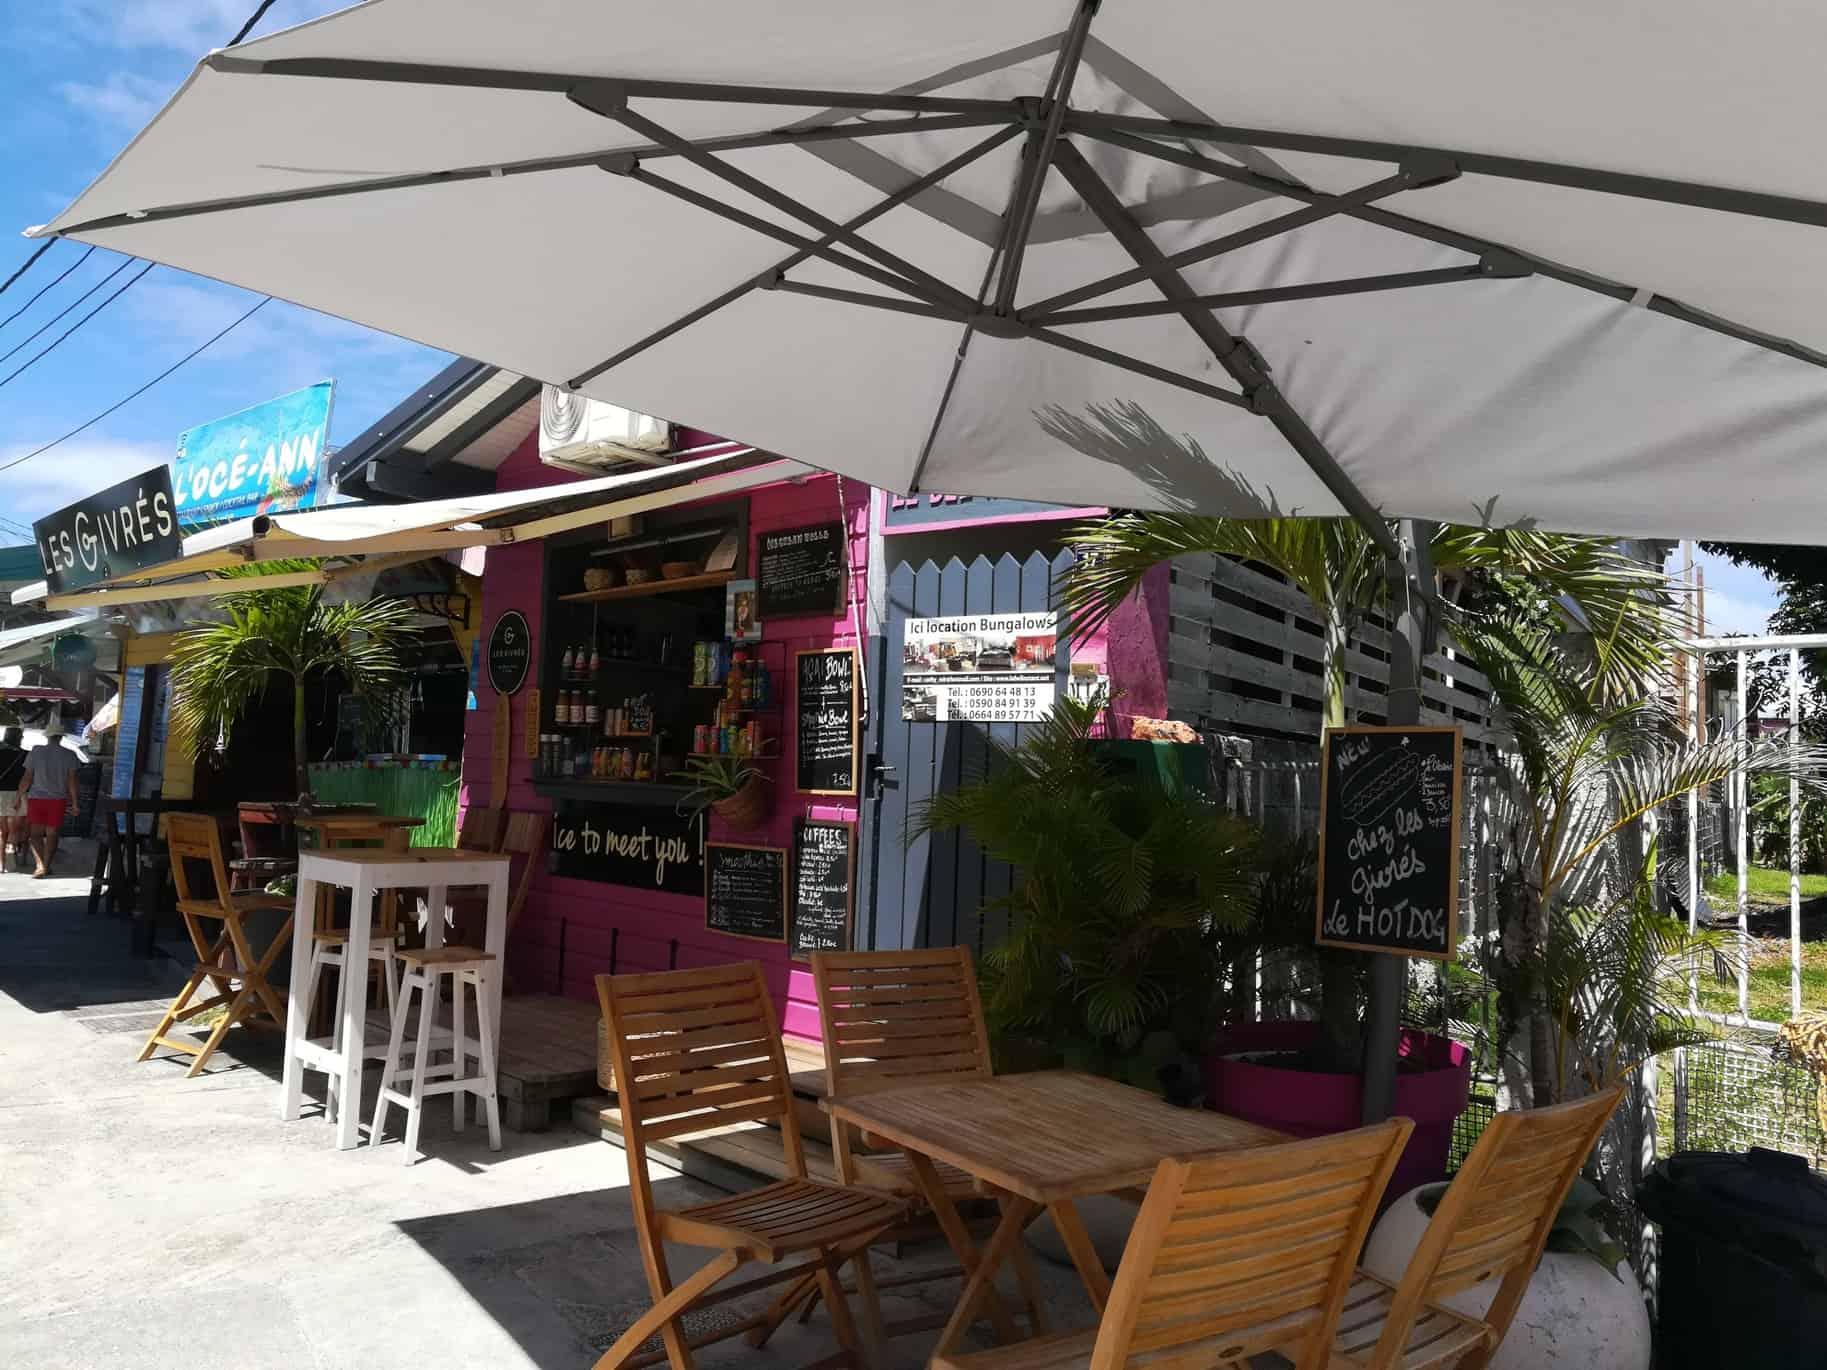 フレンチカリブグアドループのリゾート街サンタンヌ